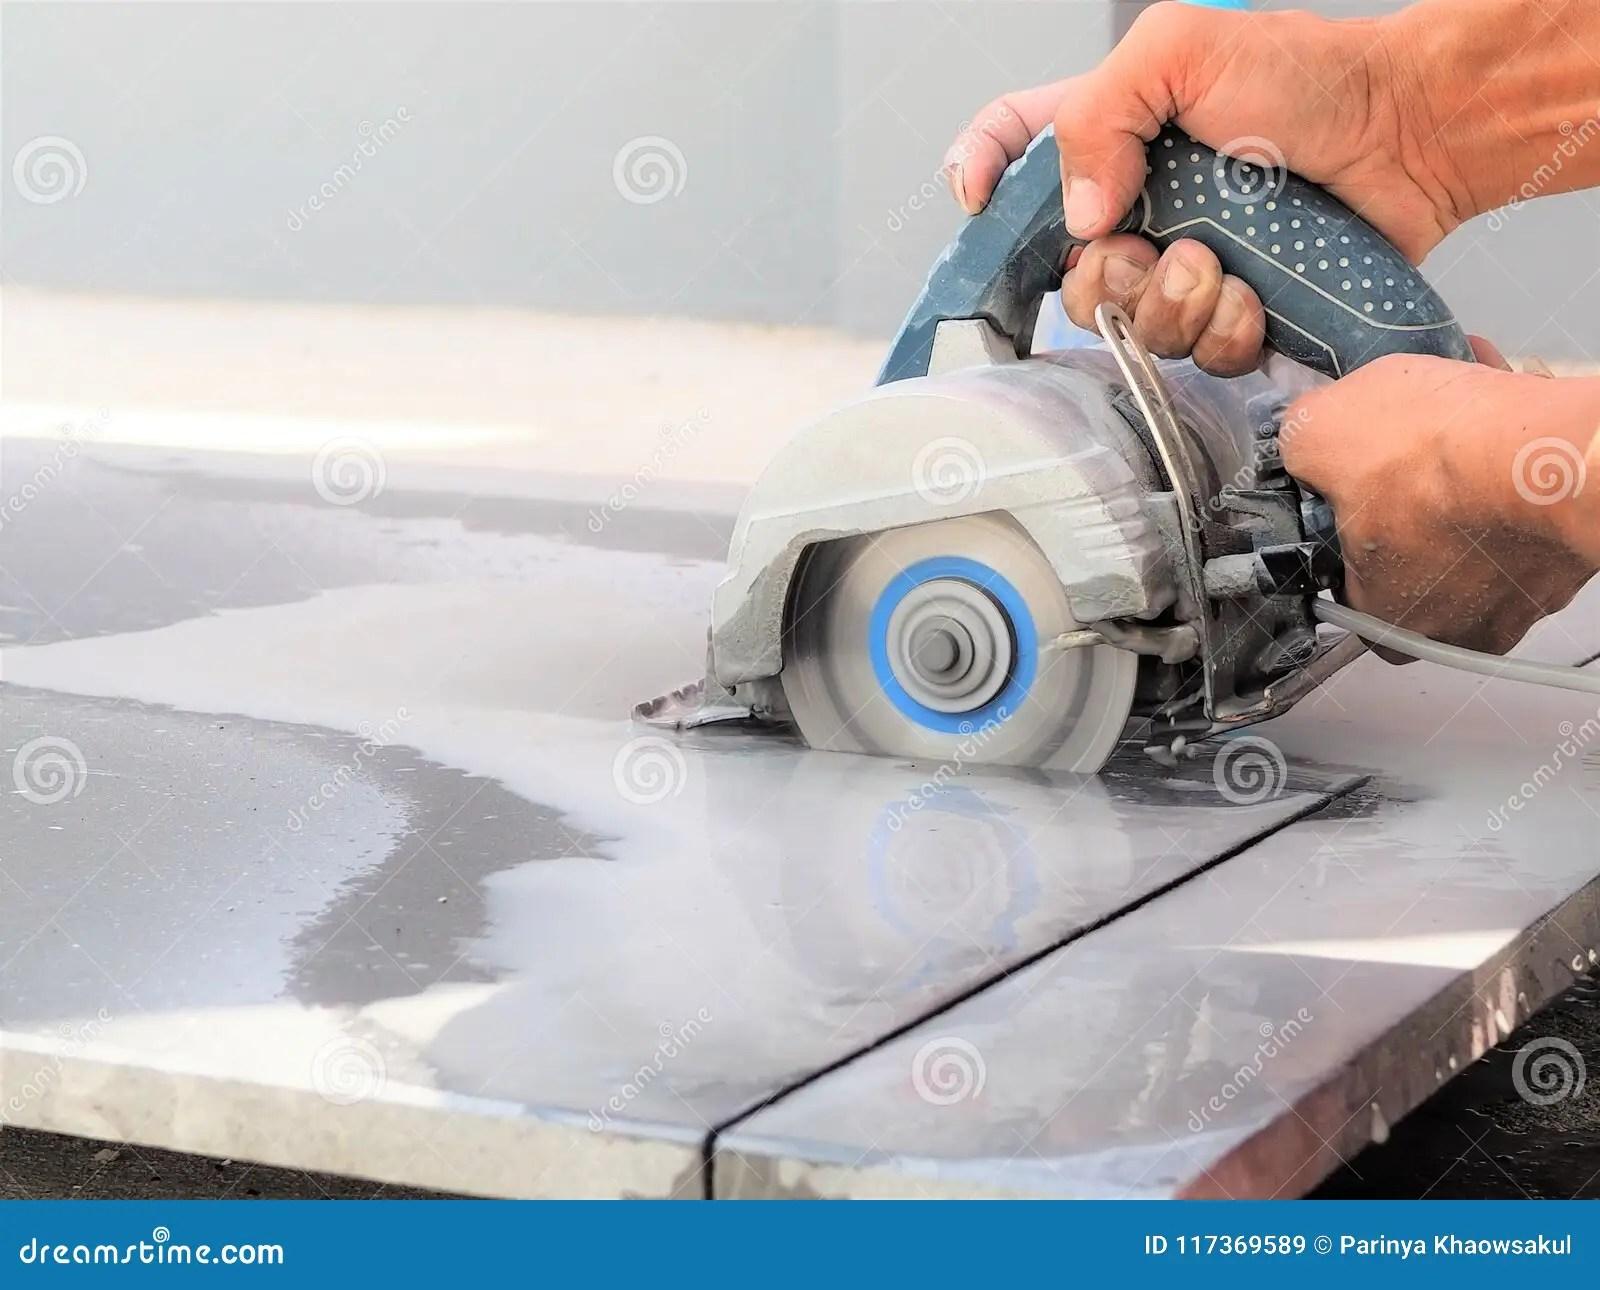 https fr dreamstime com fermez vous vers haut machine sawing humide d utilisation travailleur couper pierre marbre image117369589